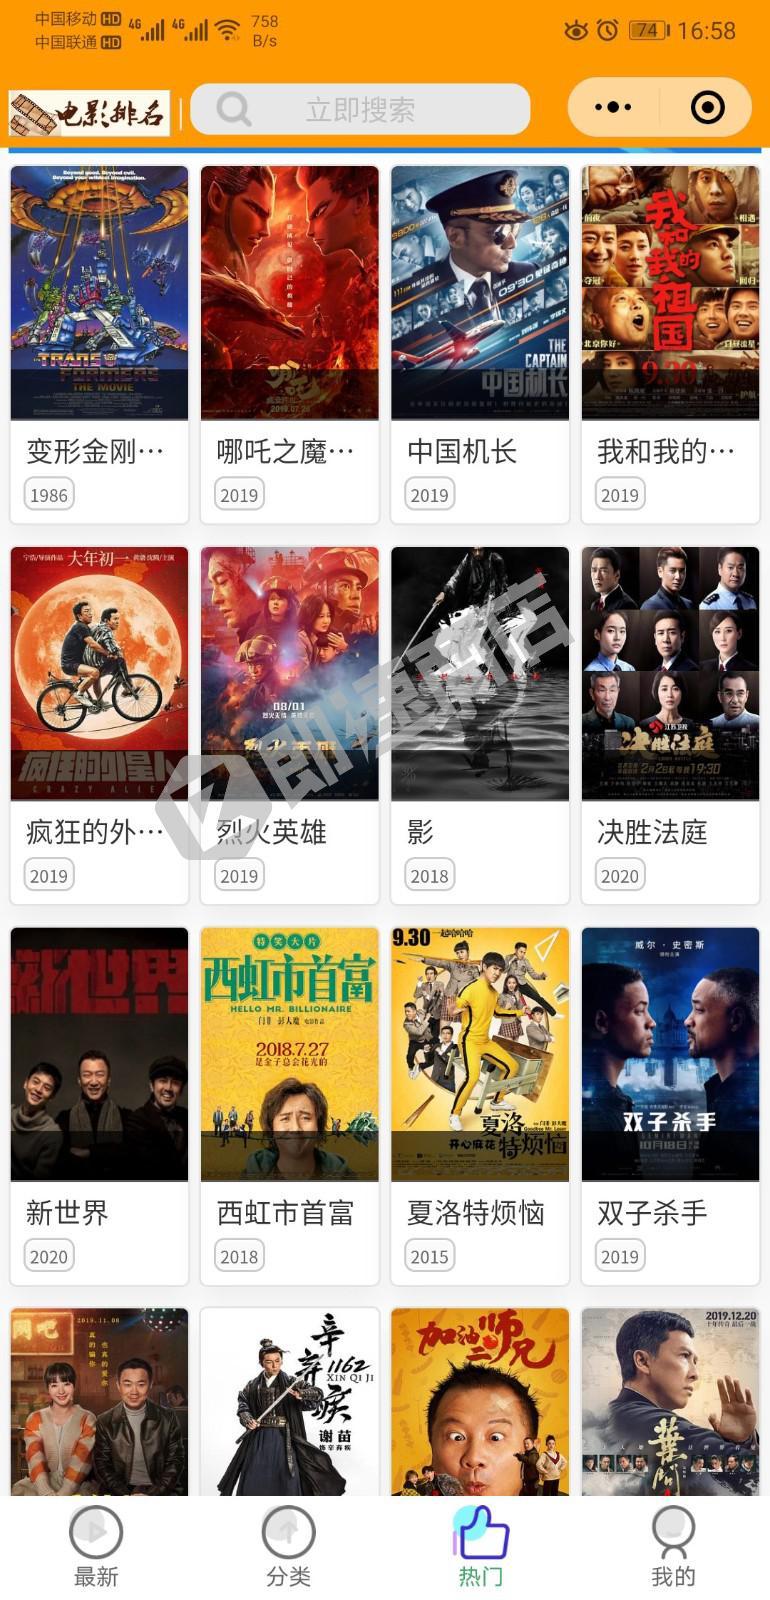 电影排名小程序列表页截图